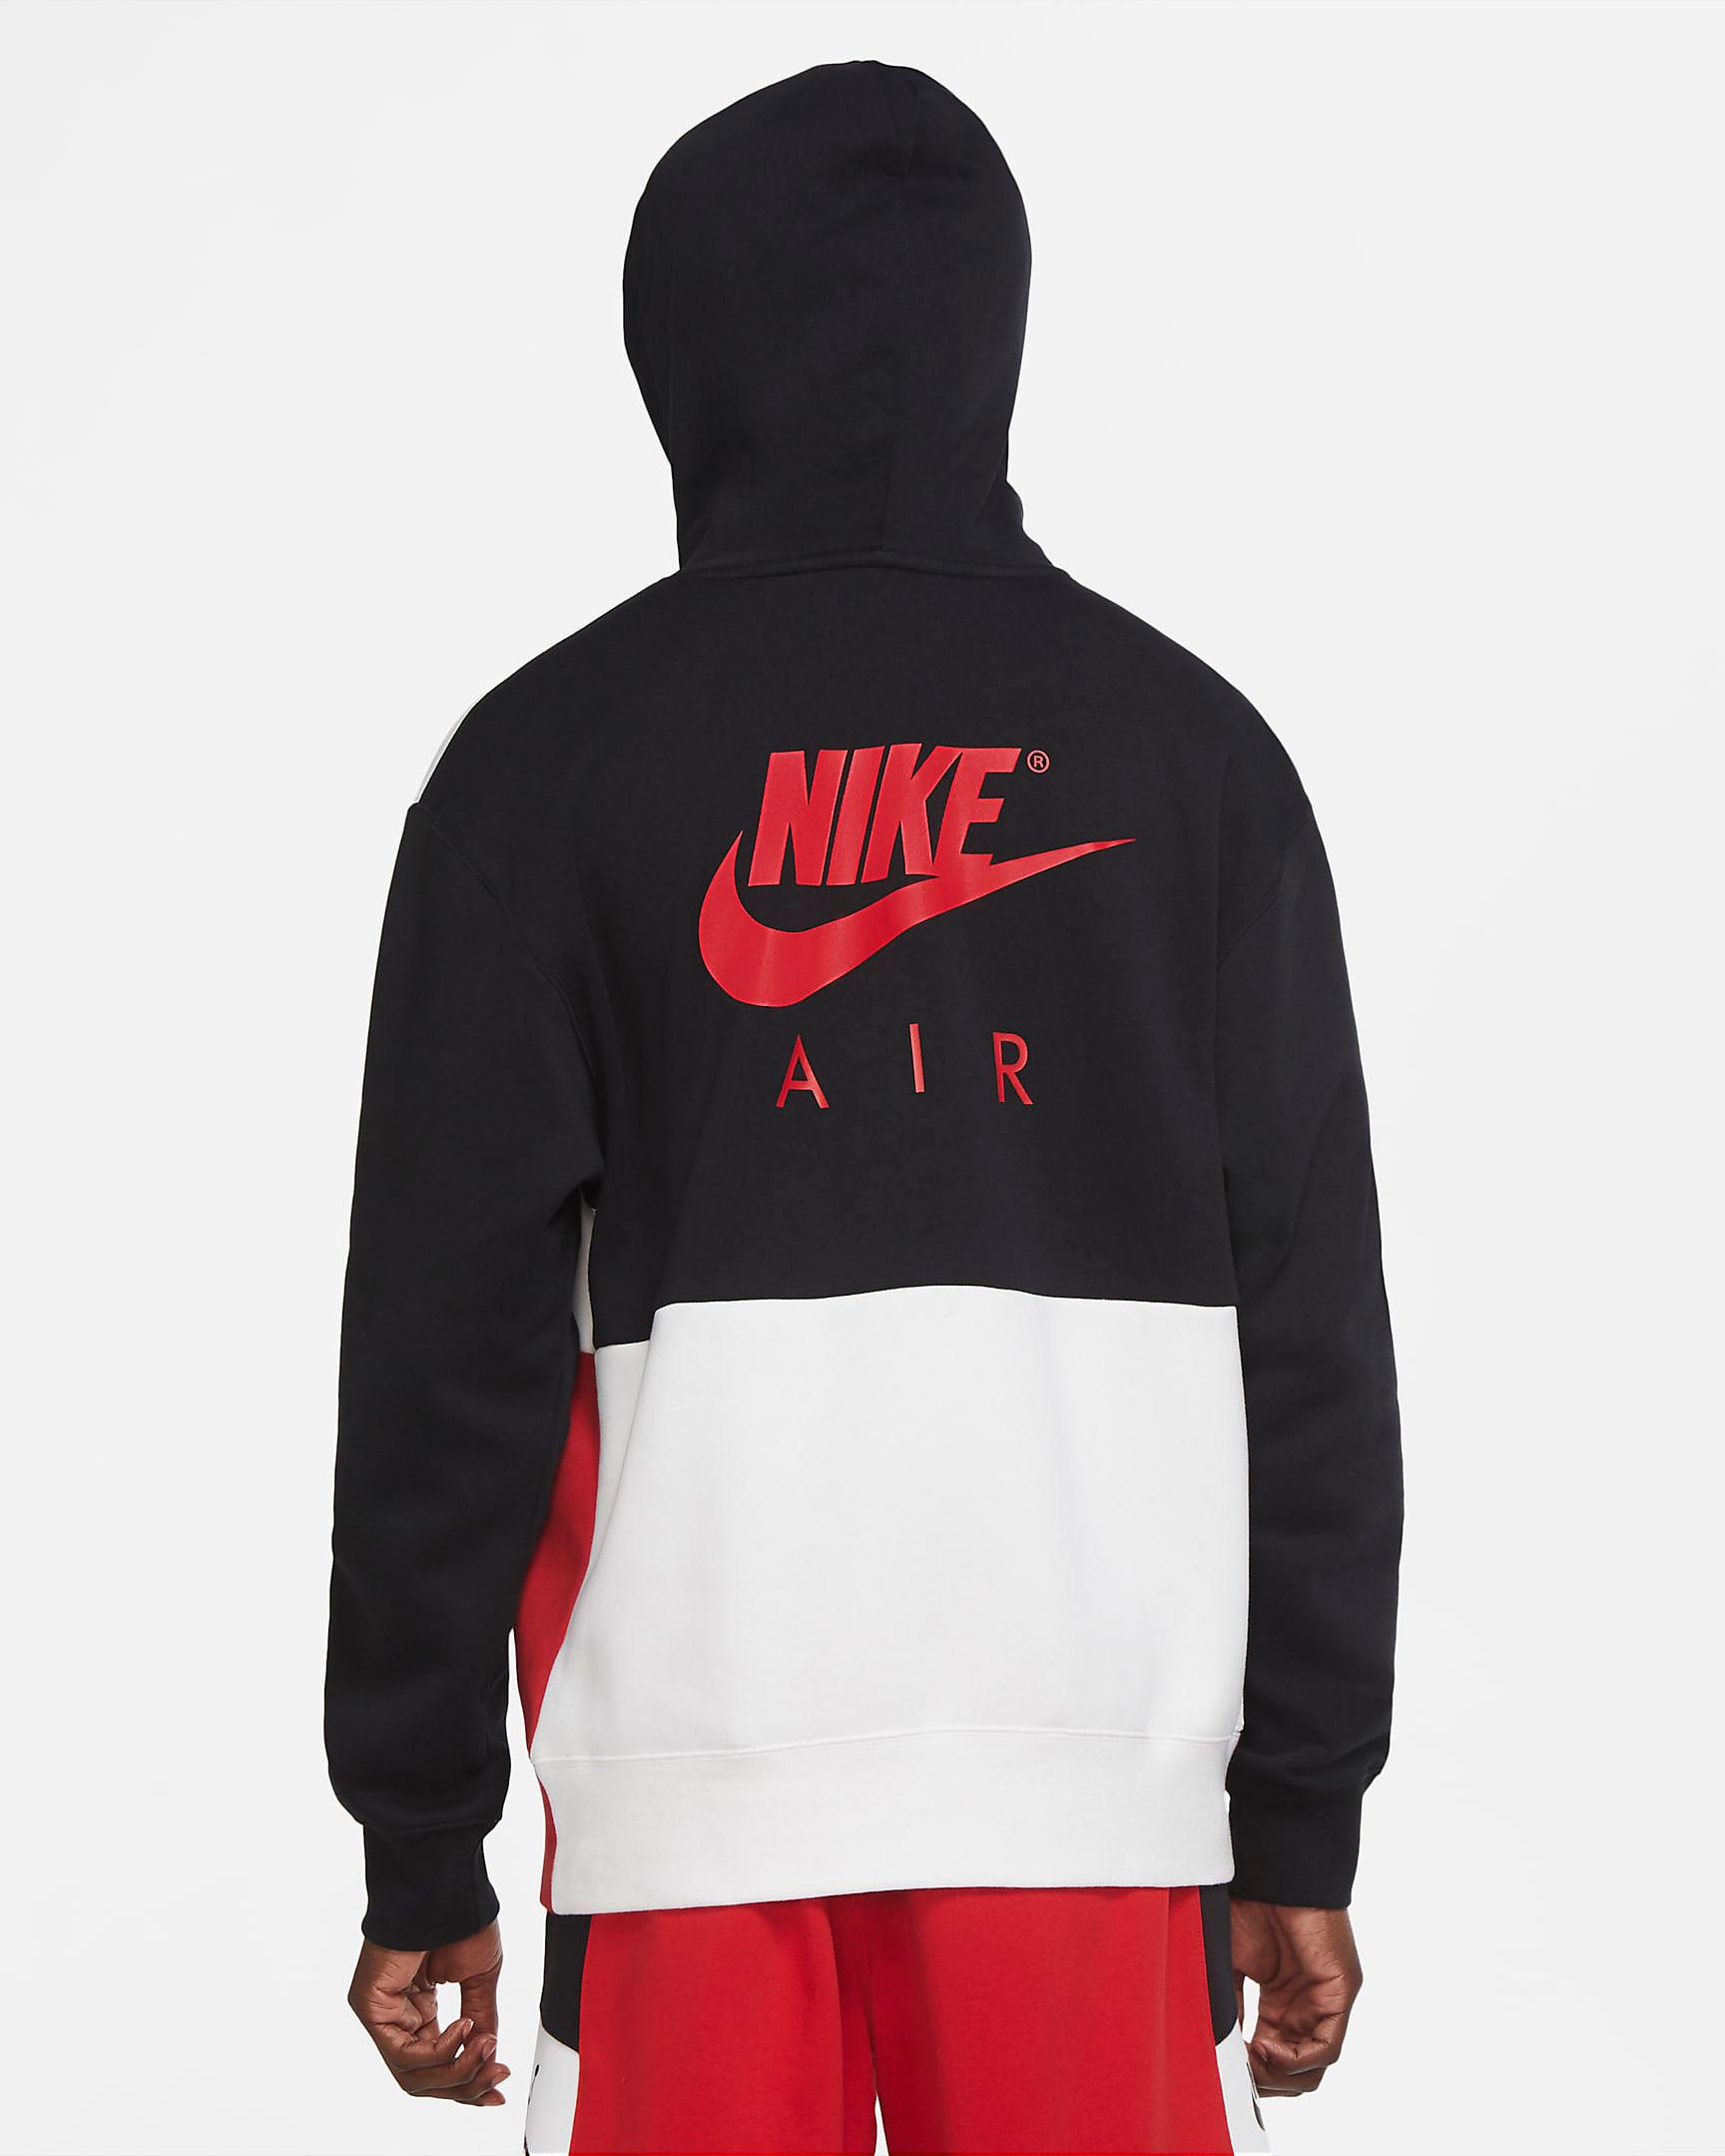 air-jordan-4-fire-red-2020-hoodie-2